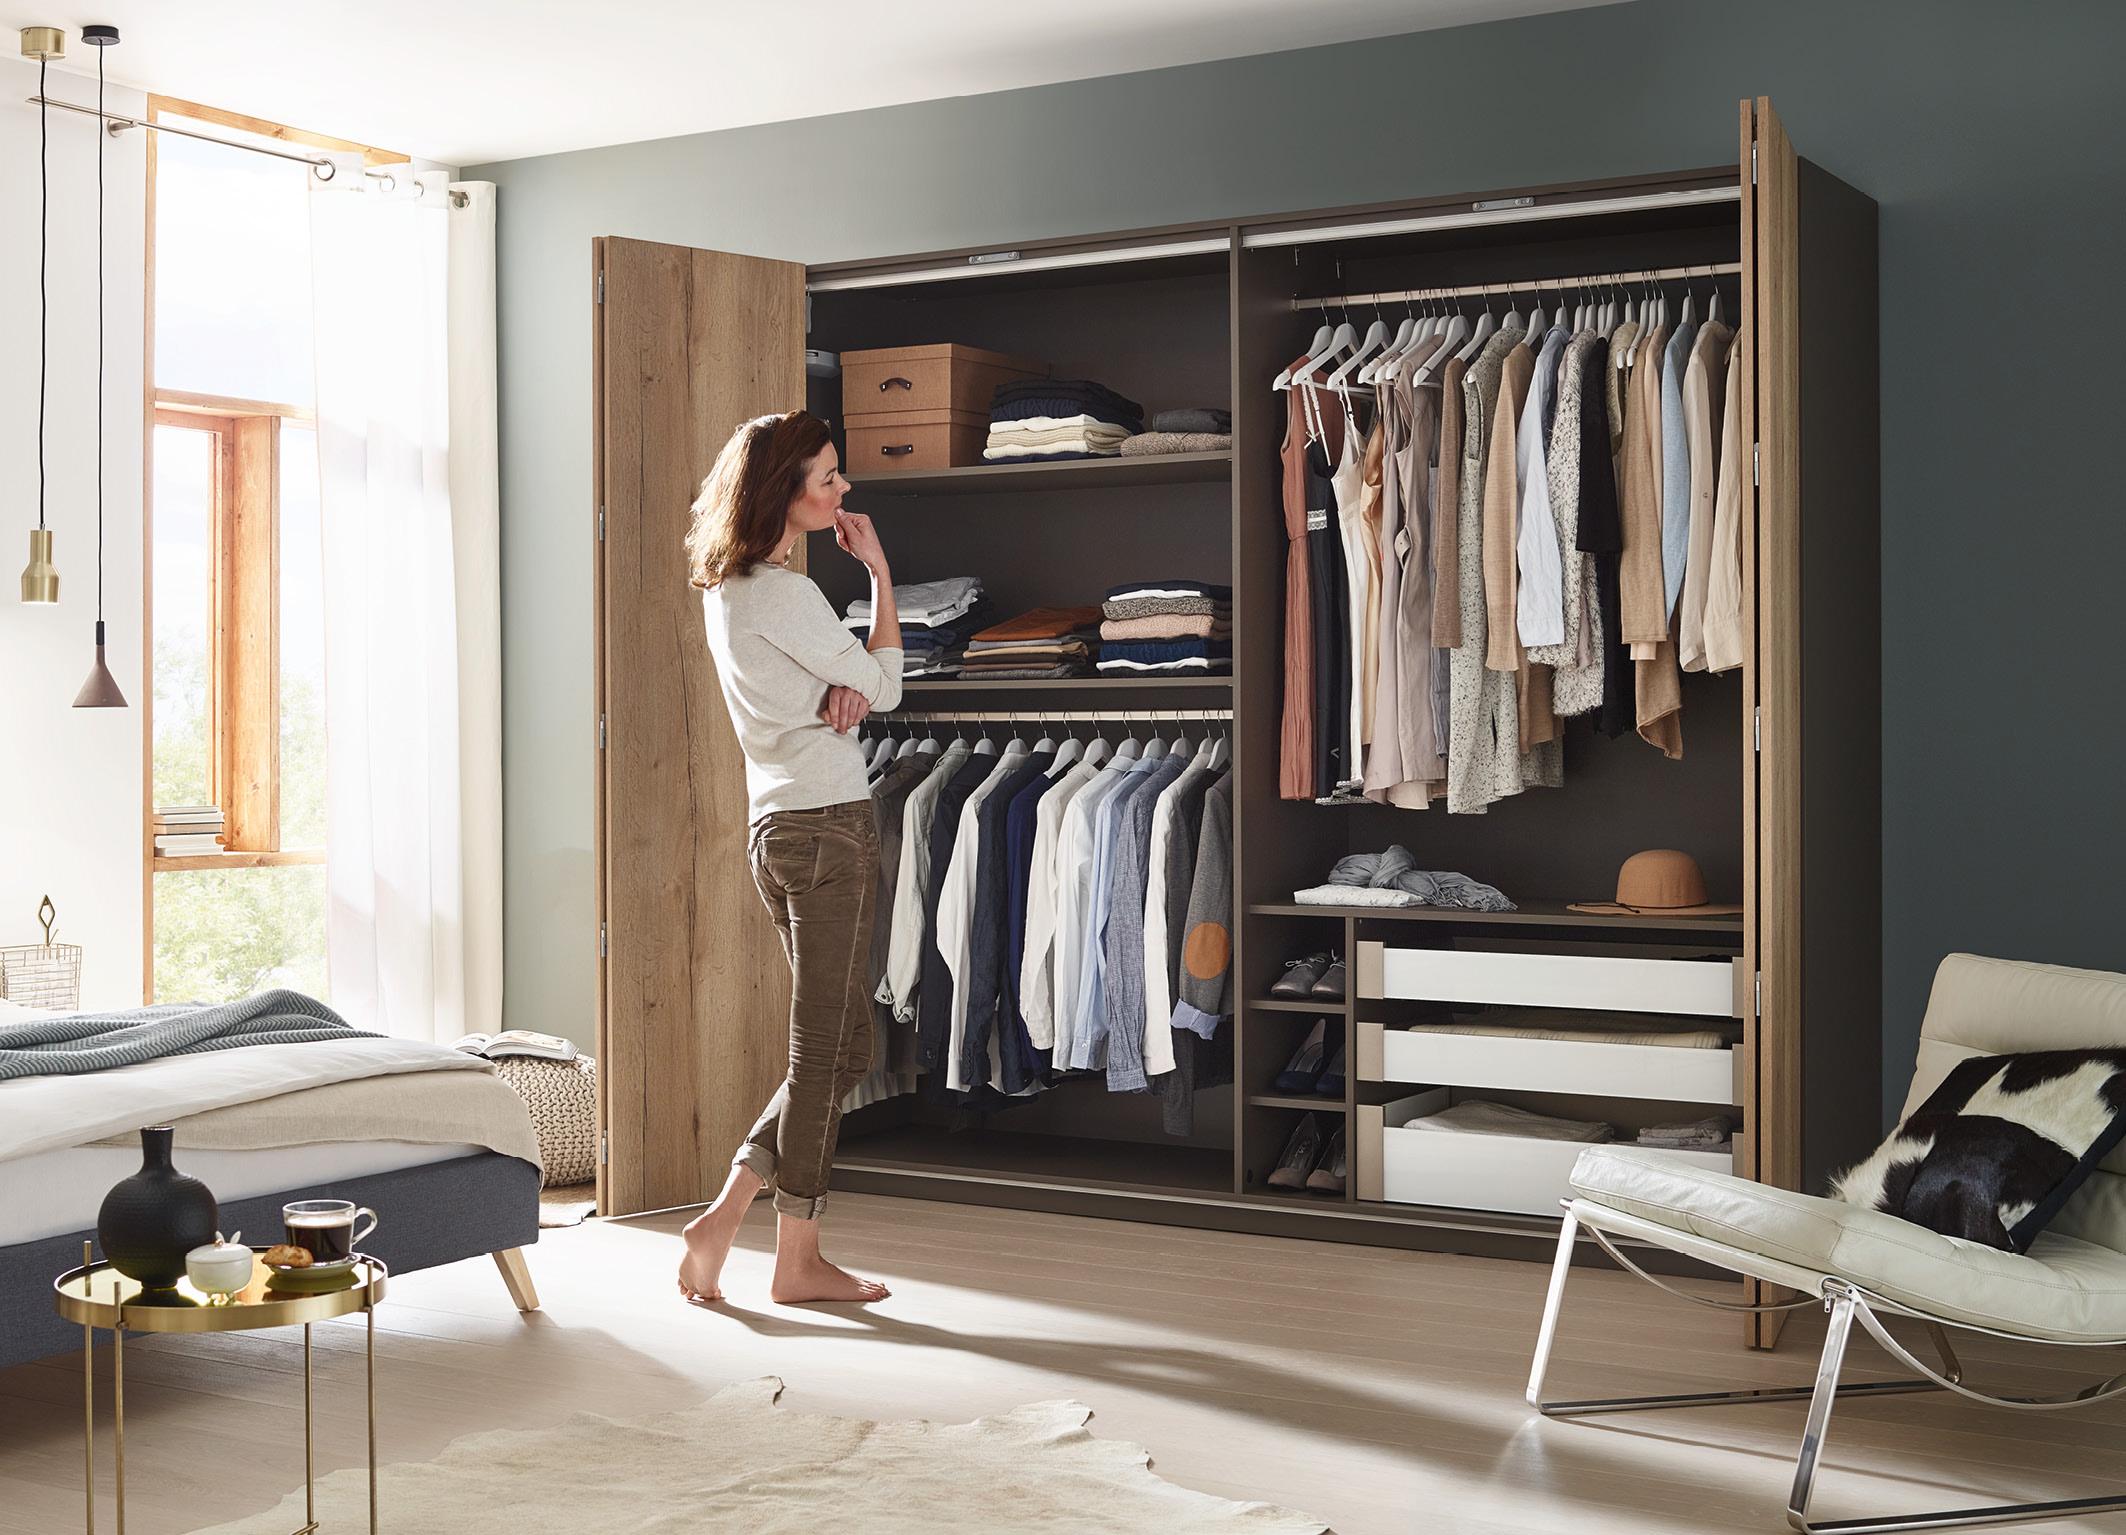 WingLine L Sorgt Für überraschende Panoramaeffekte Am Kleiderschrank. Foto:  Hettich